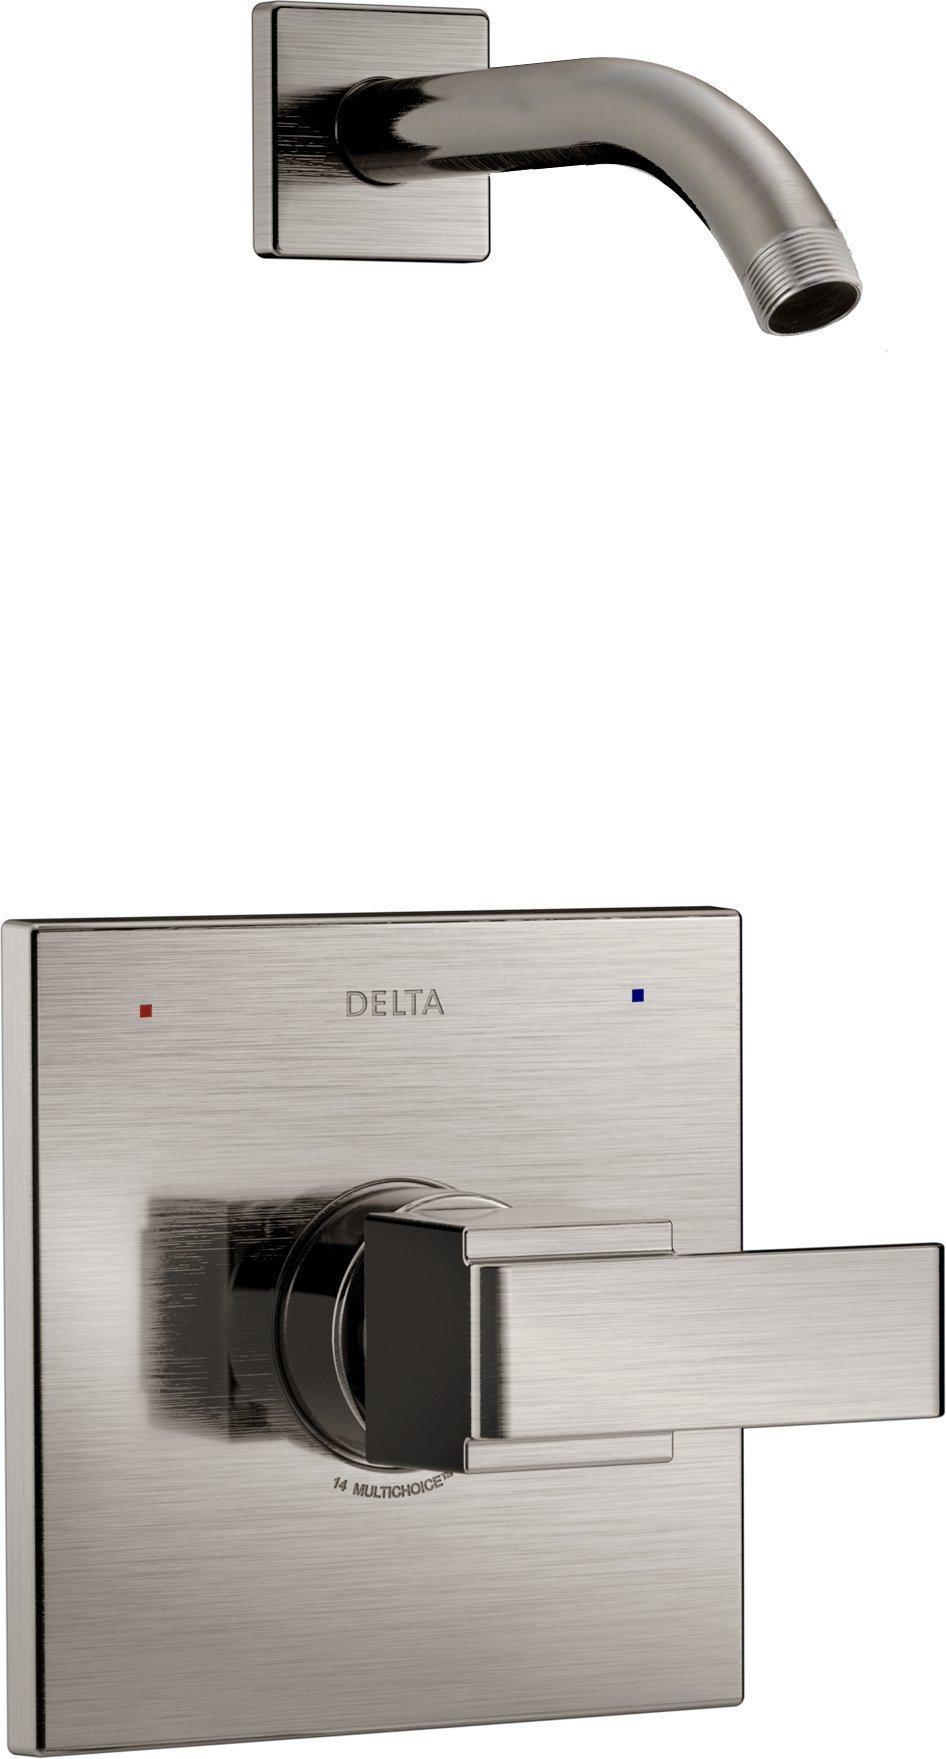 Delta Faucet Delta T14267-LHD Ara 14 Series Trim by DELTA FAUCET